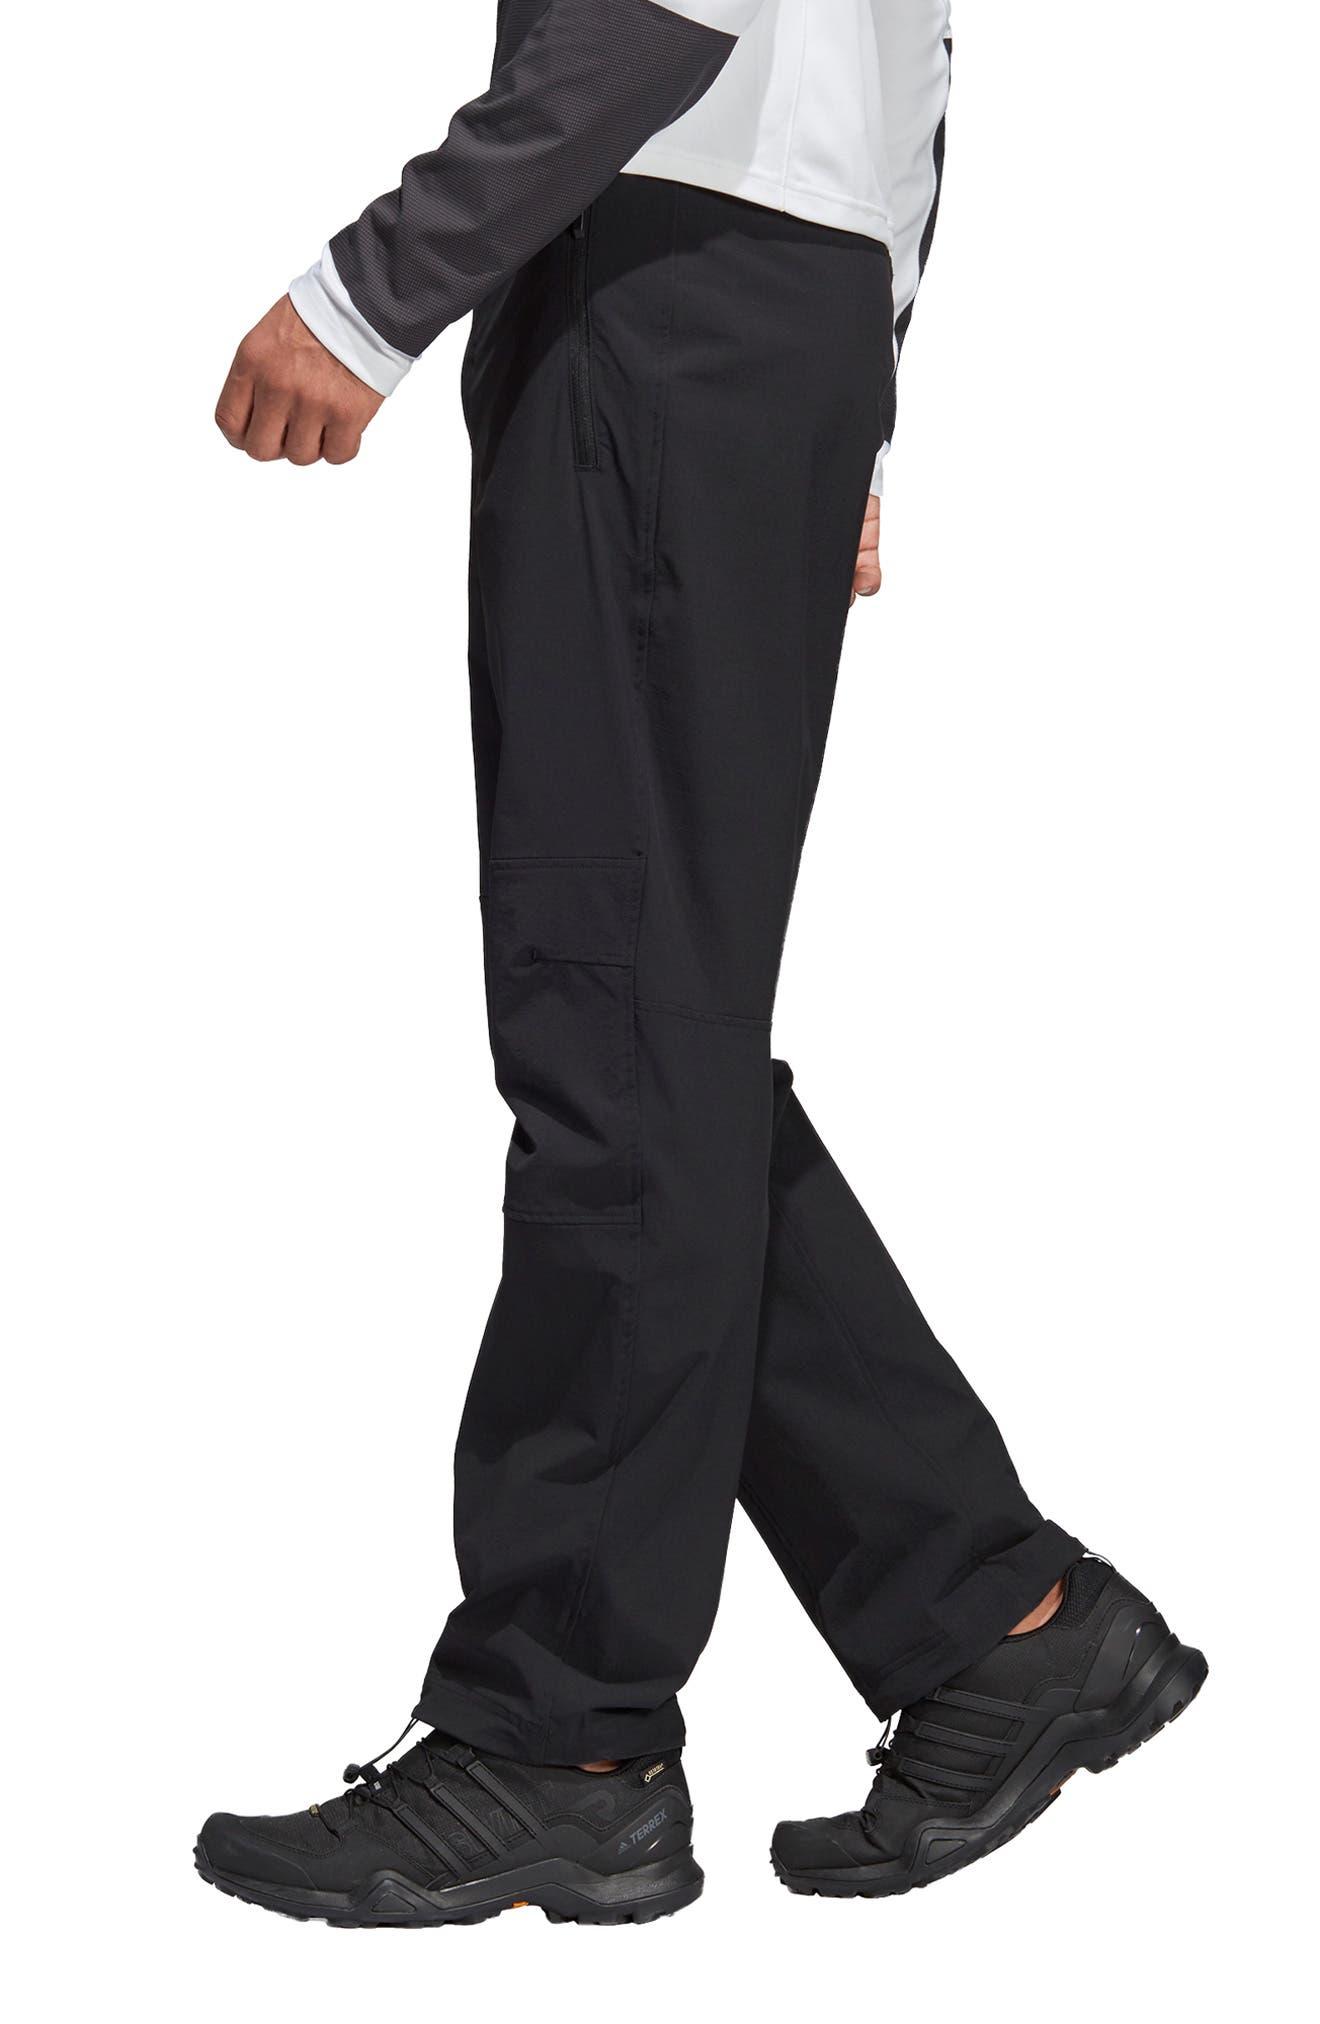 Terrex Multi Pants,                             Alternate thumbnail 3, color,                             BLACK